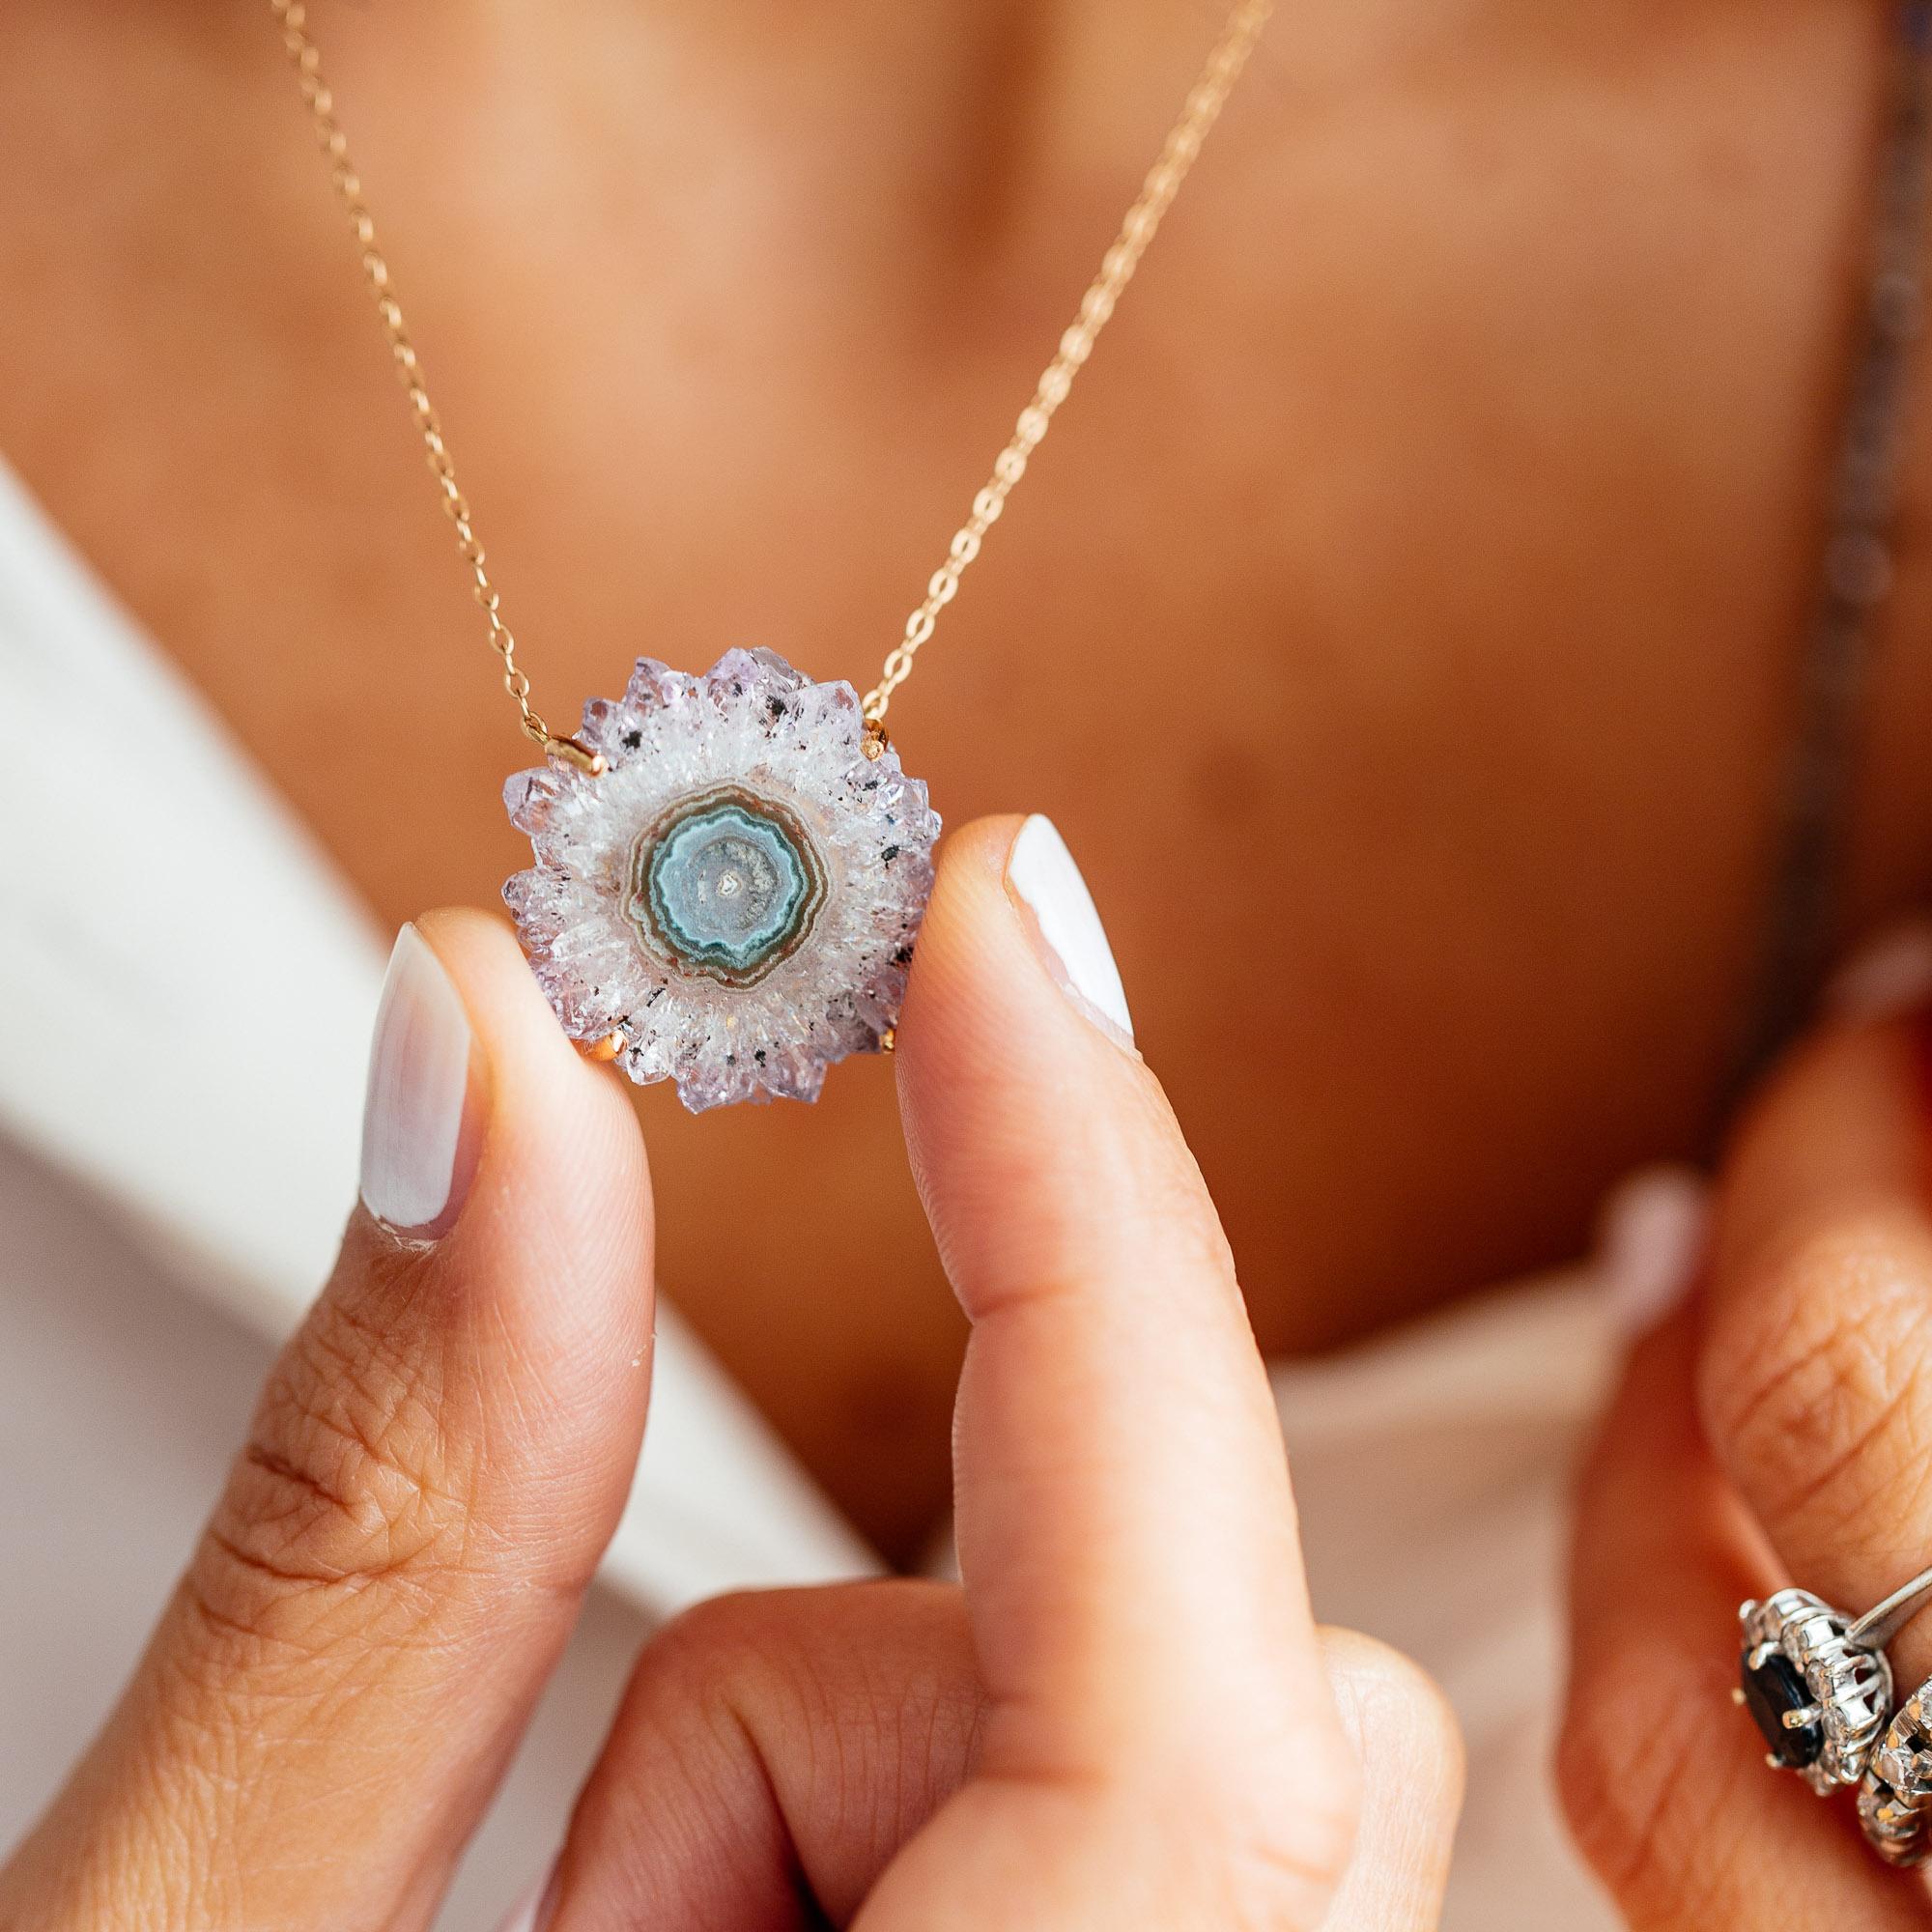 Tel un talisman, - Chacun d'eux est porteur d'un message hérité de nos rites ancestraux pour vous accompagner sur votre chemin de vie. Et tout comme le diamant, un cristal nous renvoie aux différentes facettes de qui nous sommes.